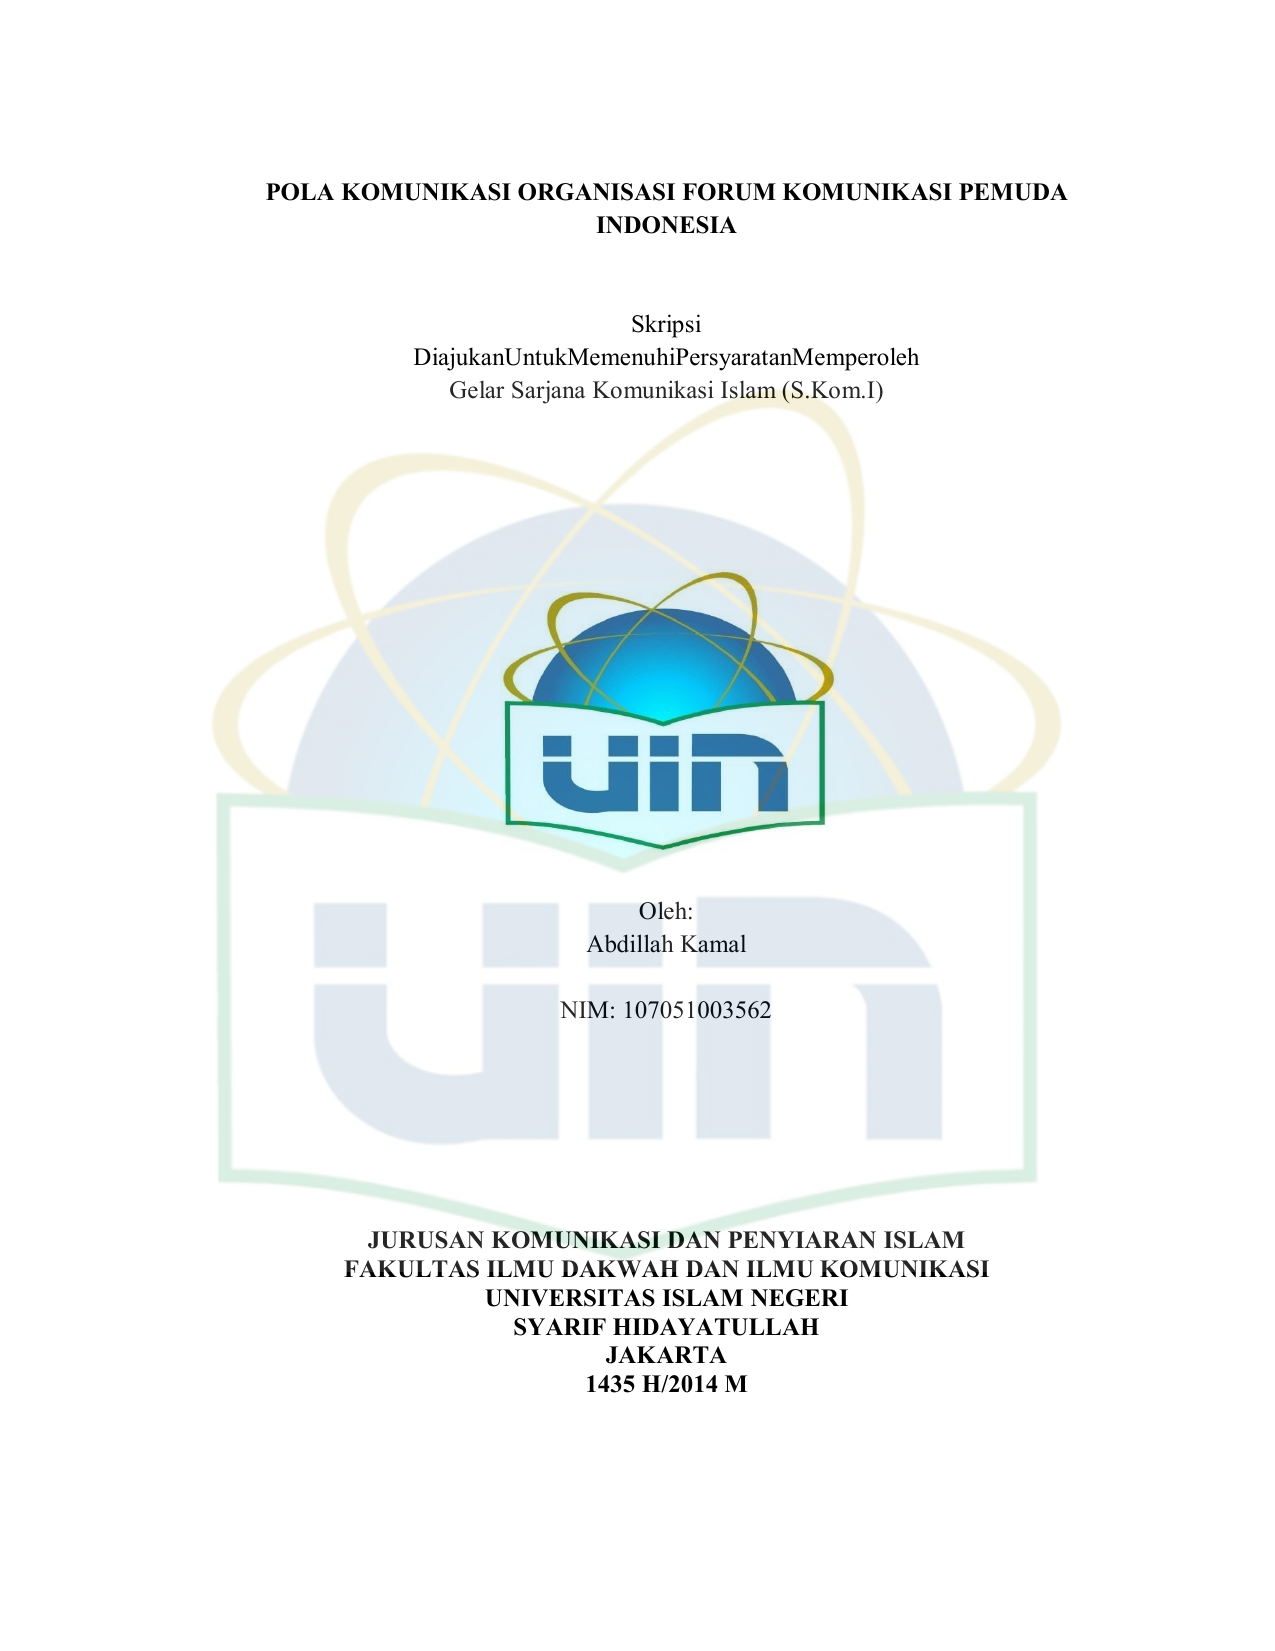 Pola Komunikasi Organisasi Forum